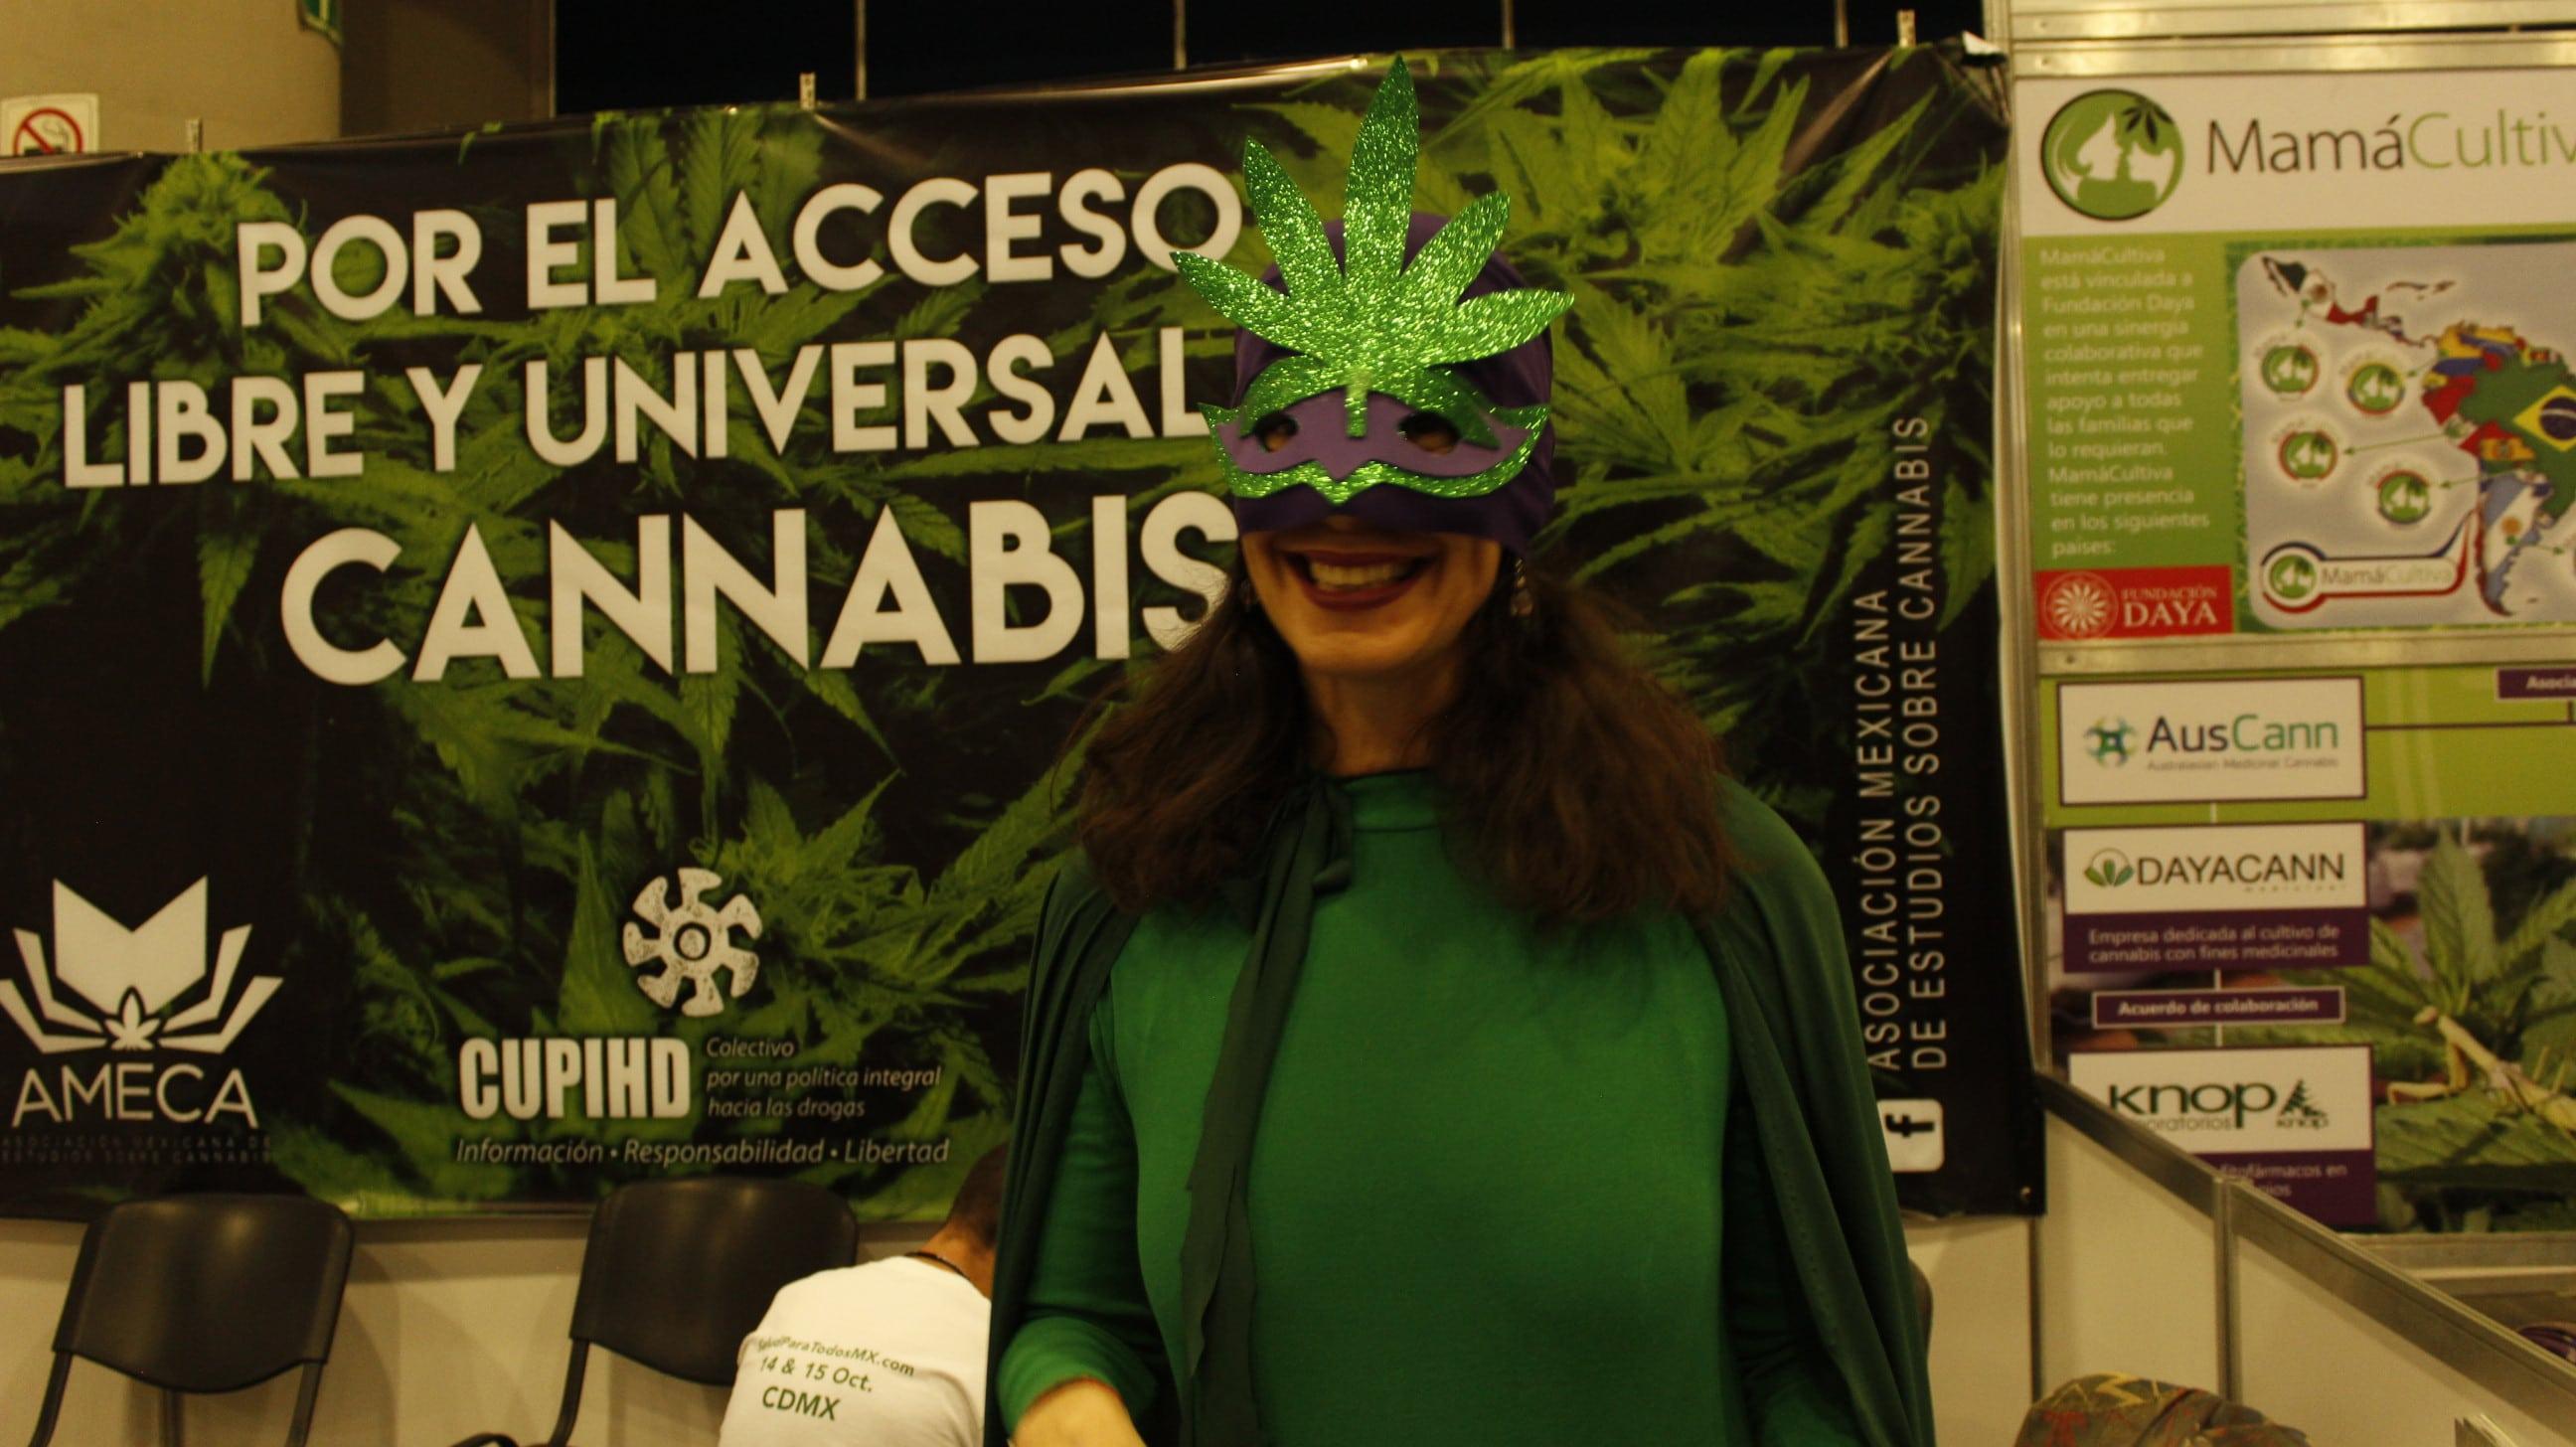 Nación Cannabis | ¿Porqué diciembre del 2017 será una fecha clave en la historia de la cannabis mexicana?